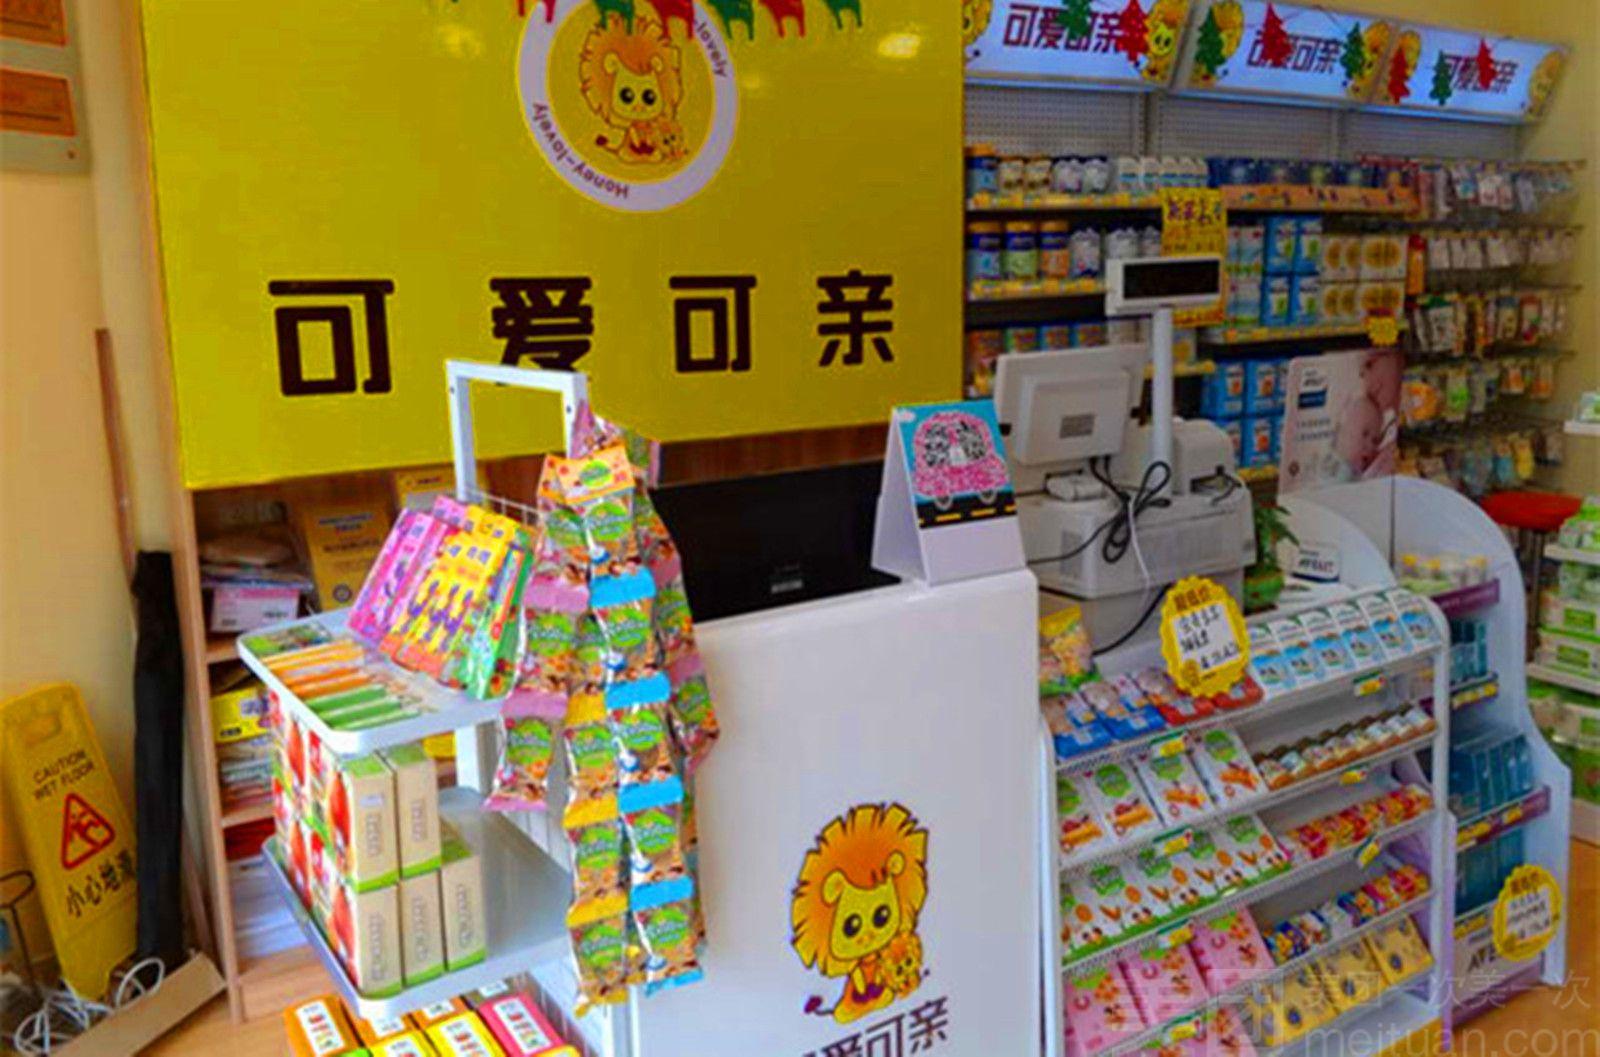 【可爱可亲母婴用品生活馆团购】无锡可爱可亲母婴馆